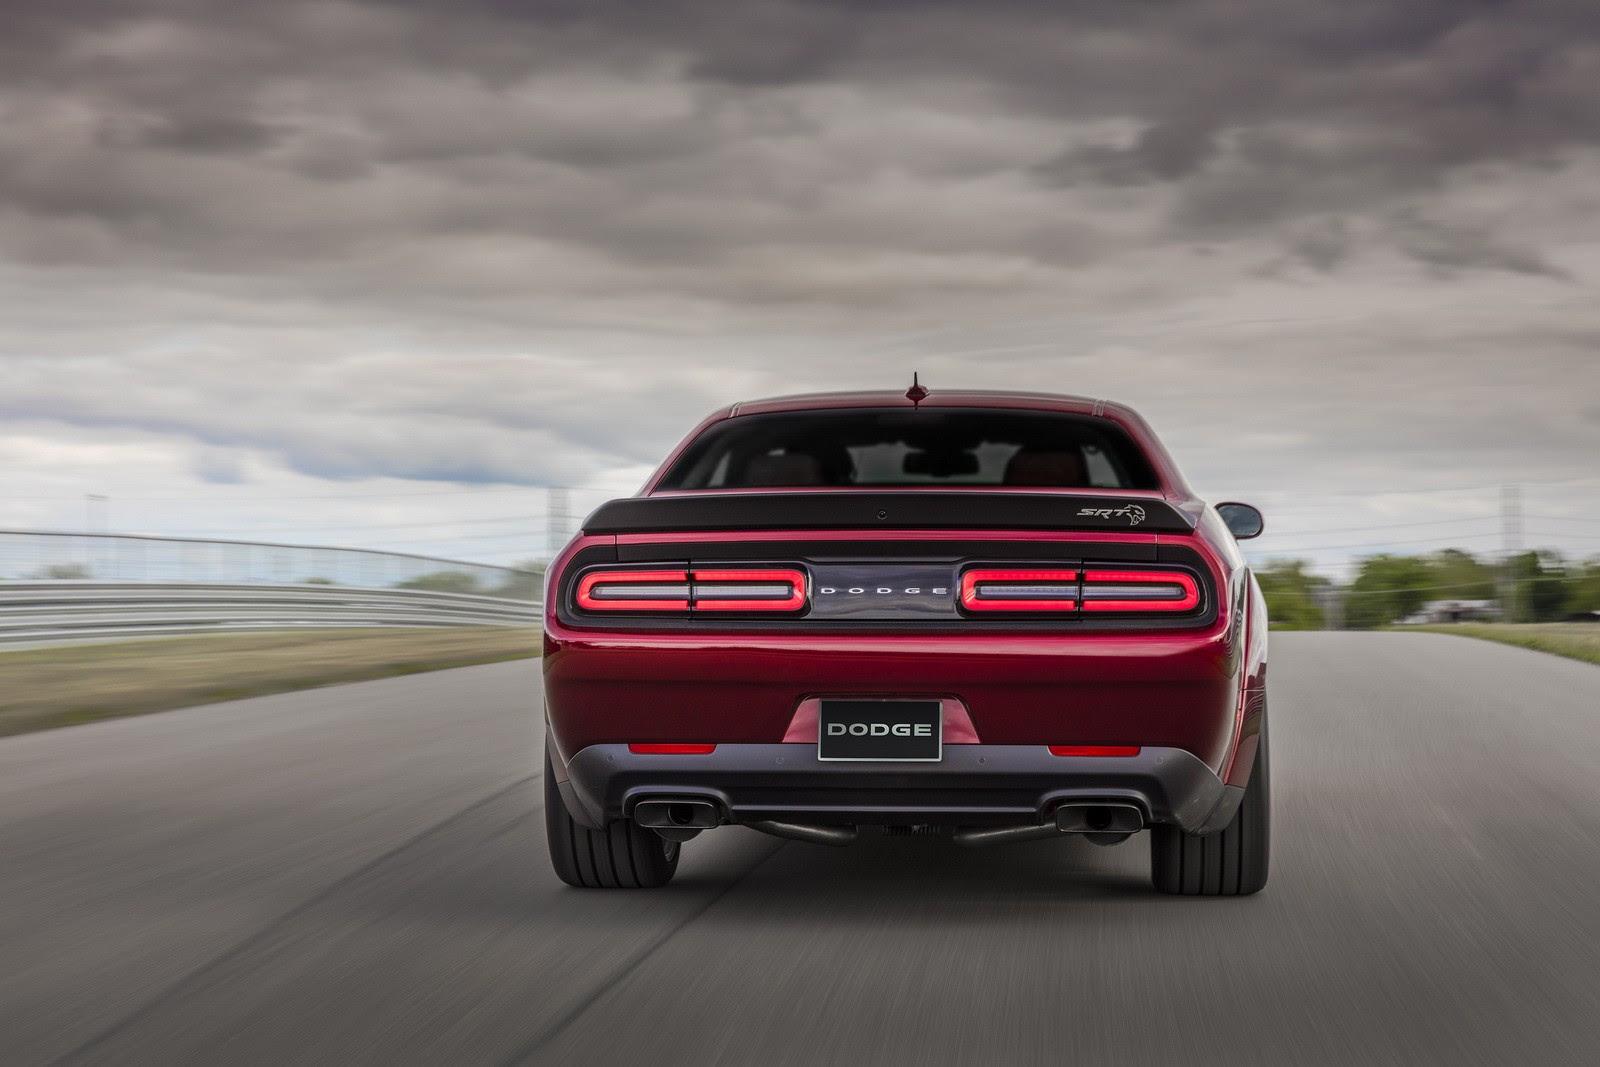 Dodge Reveals 2018 Challenger Srt Hellcat Widebody With Demon Inspired Look Autoevolution